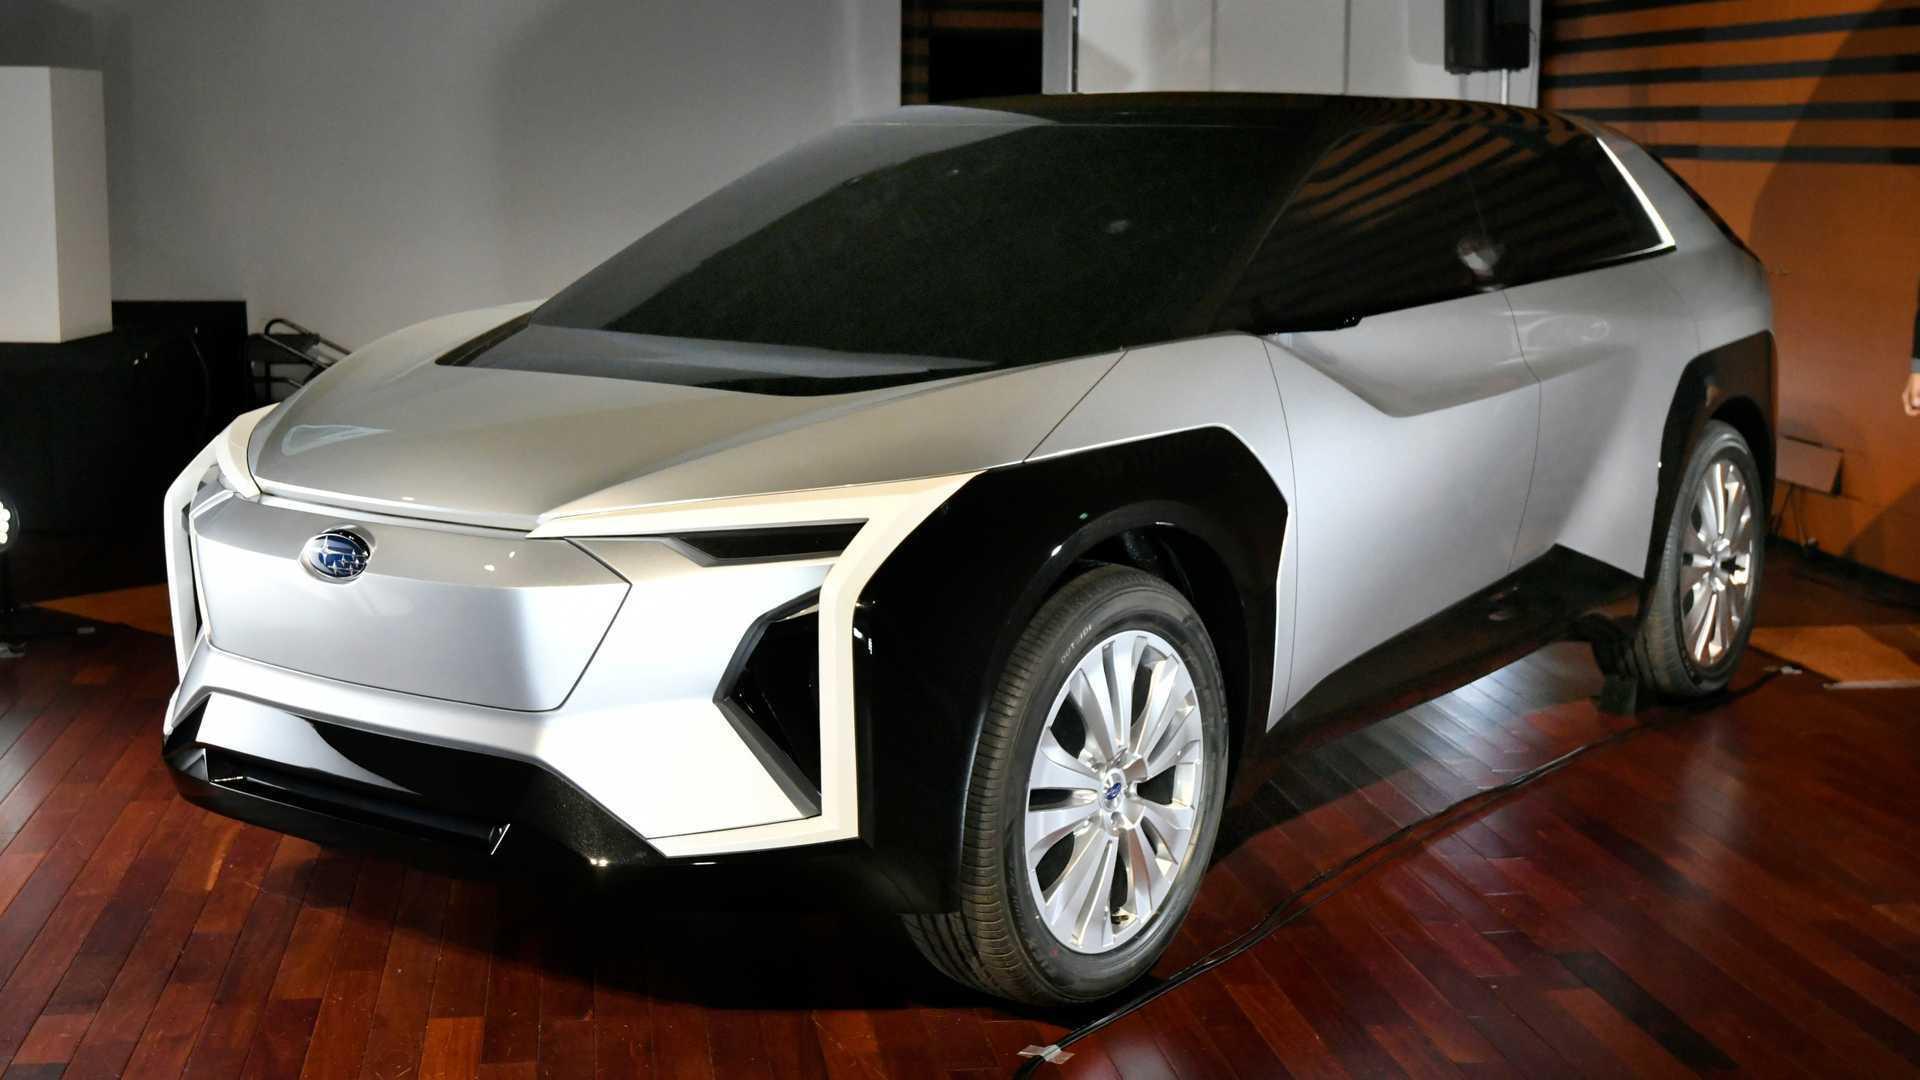 У січні поточного року компанія Subaru представила екстравагантний концепткар Evoltis на електротязі